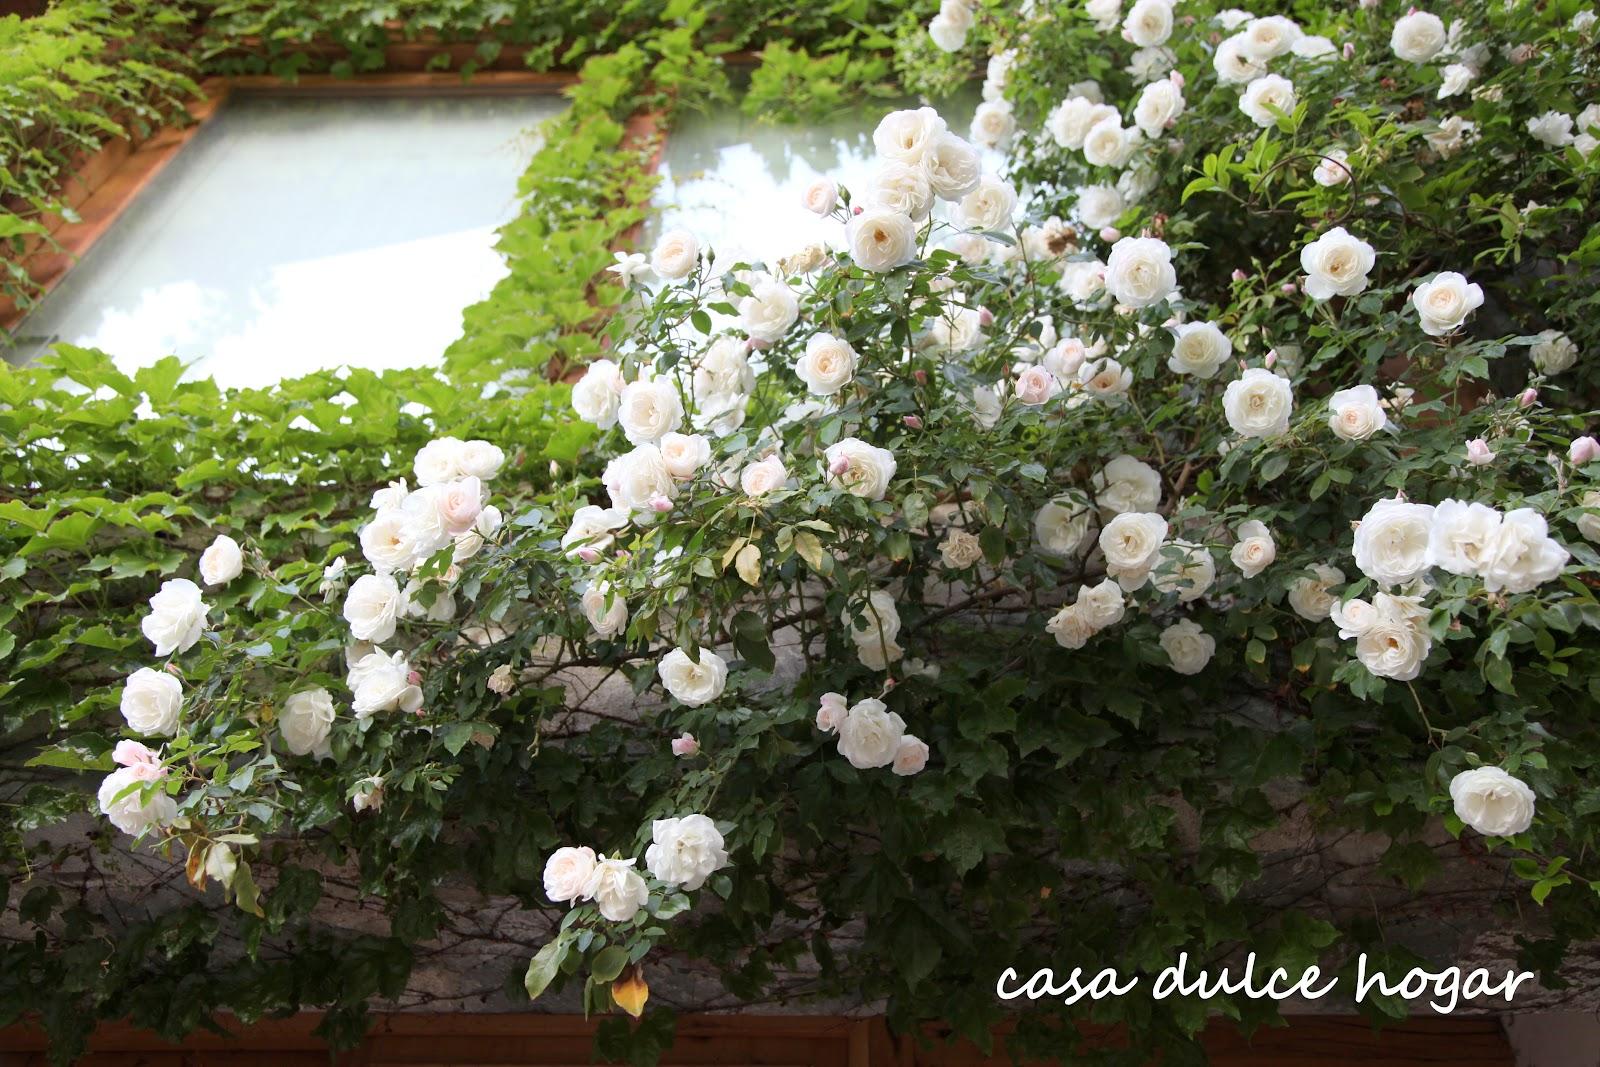 Imagenes de jardin de rosas - Fotos de jardines ...